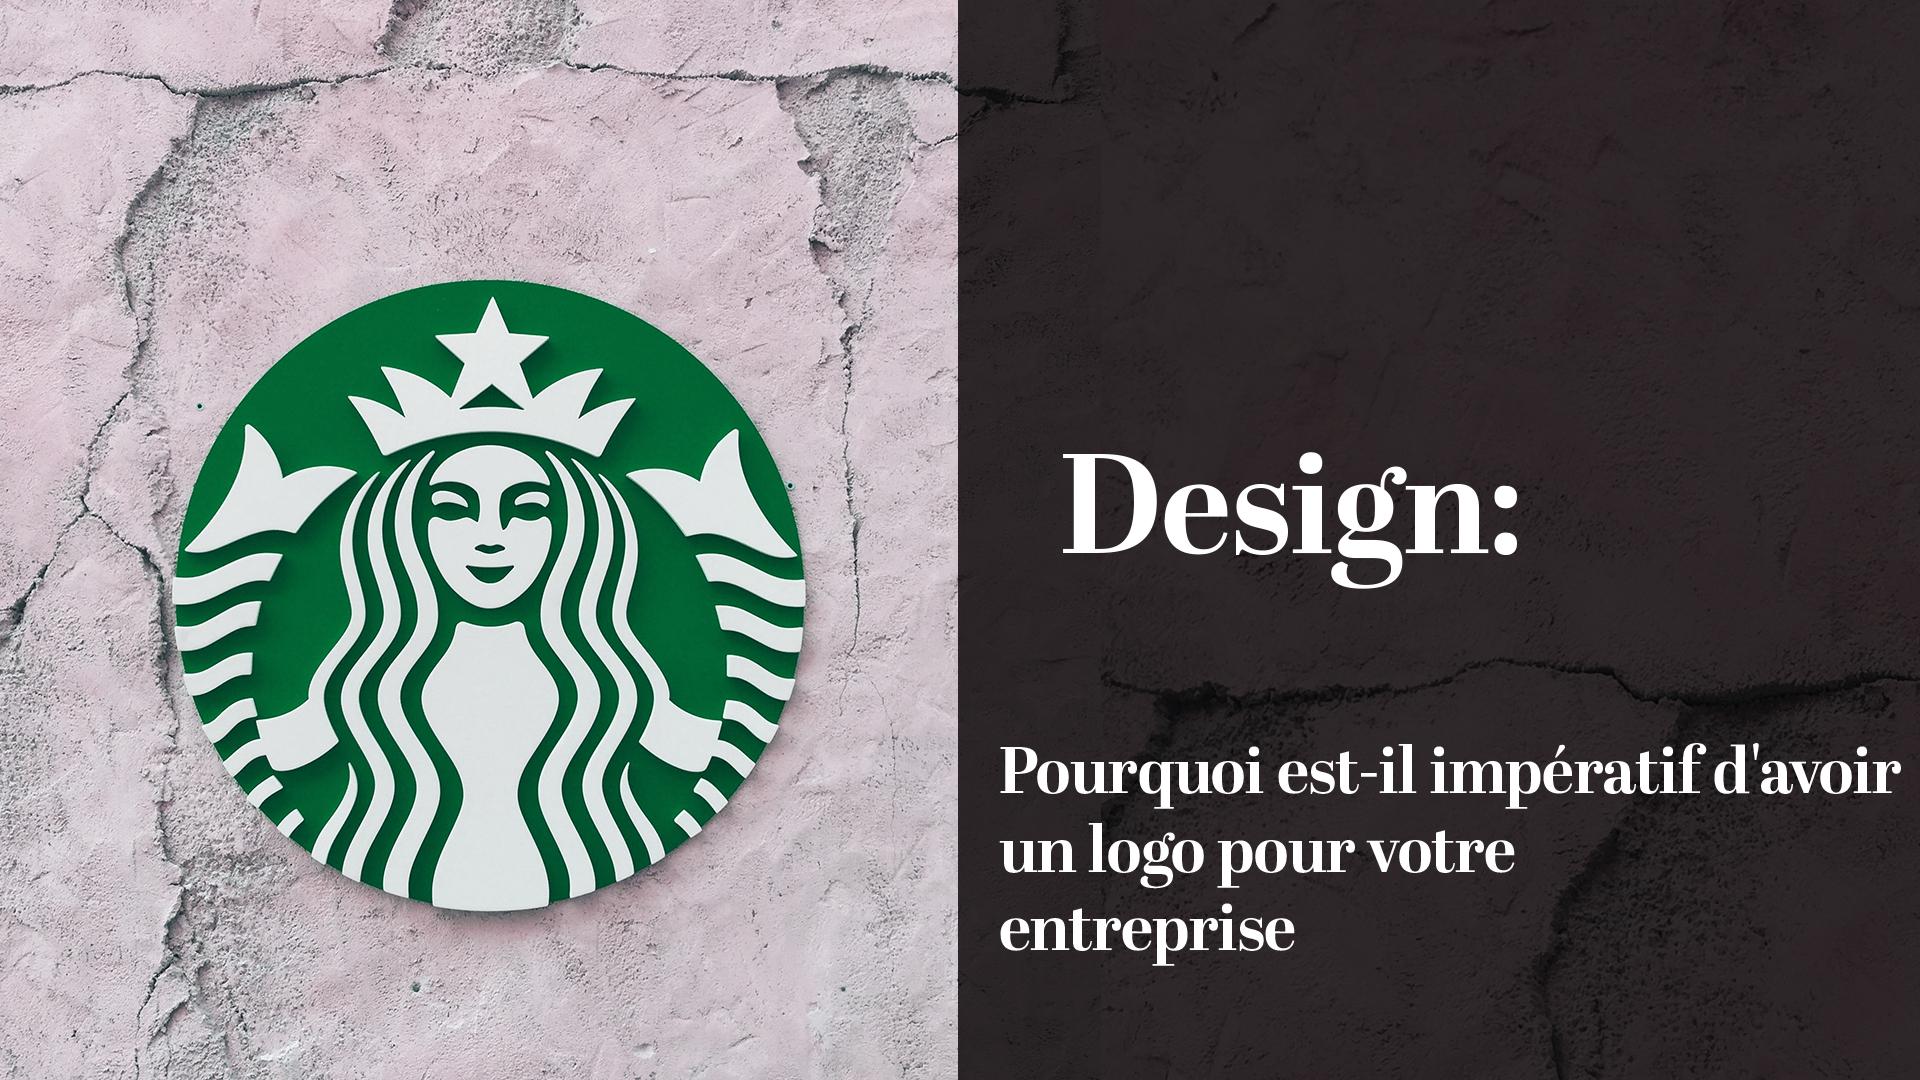 Pourquoi est-il impératif d'avoir un logo pour votre entreprise?